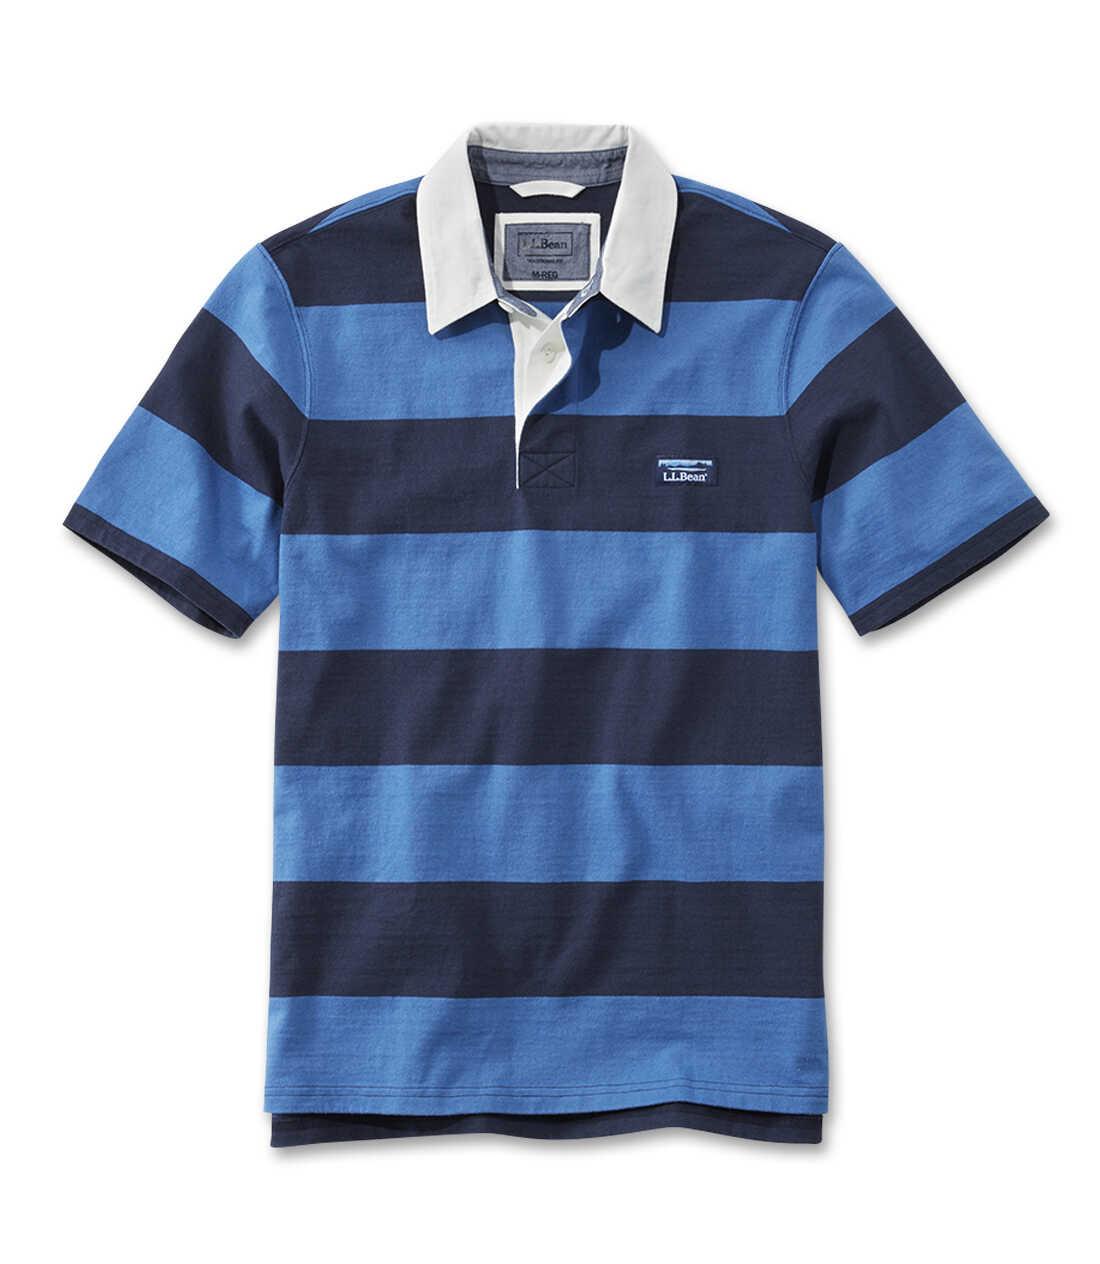 レイクウォッシュ・ラグビー・シャツ、半袖 ストライプ